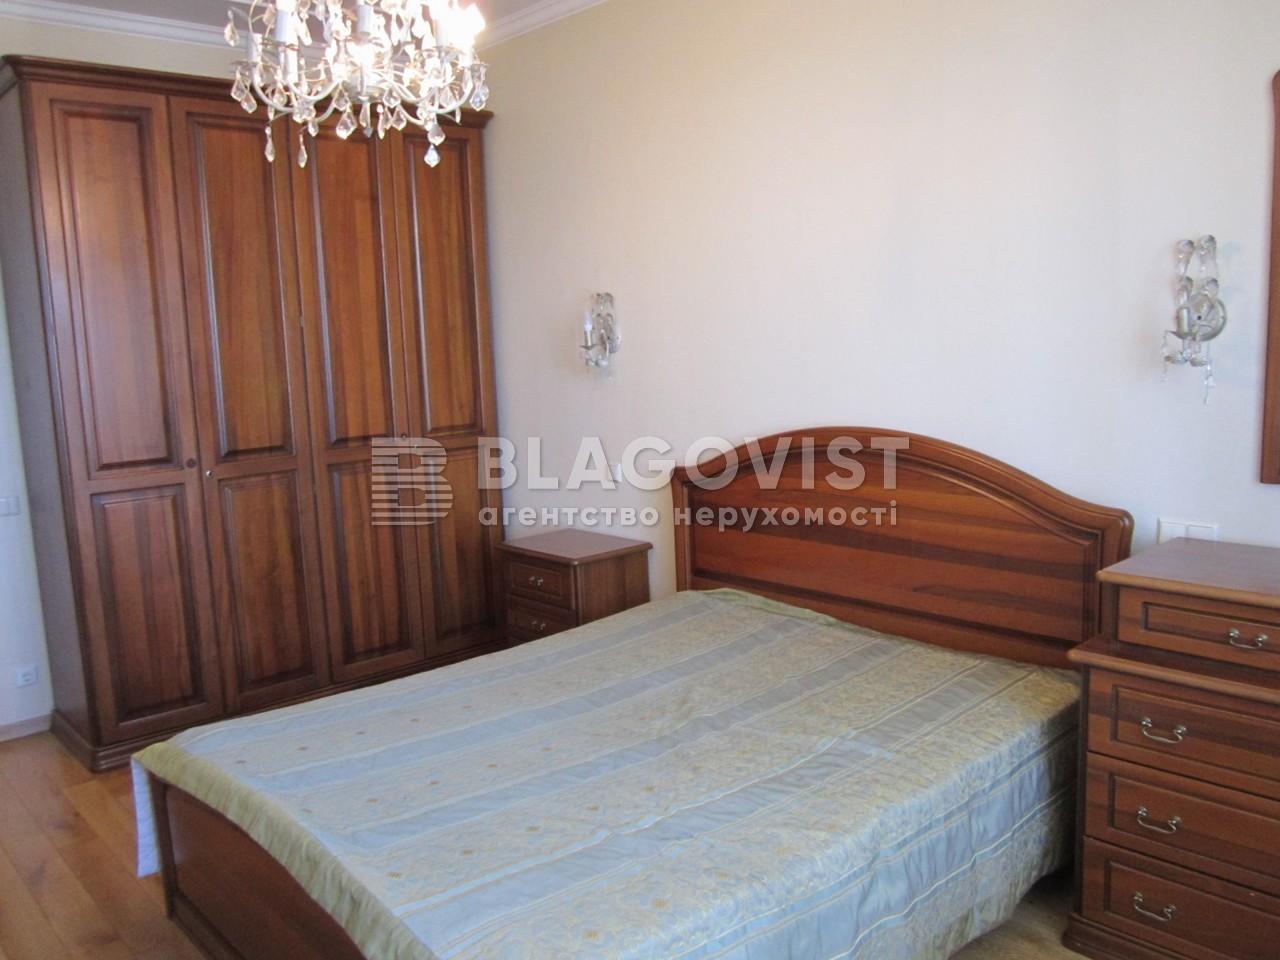 Квартира C-83978, Барбюса Анри, 16, Киев - Фото 7